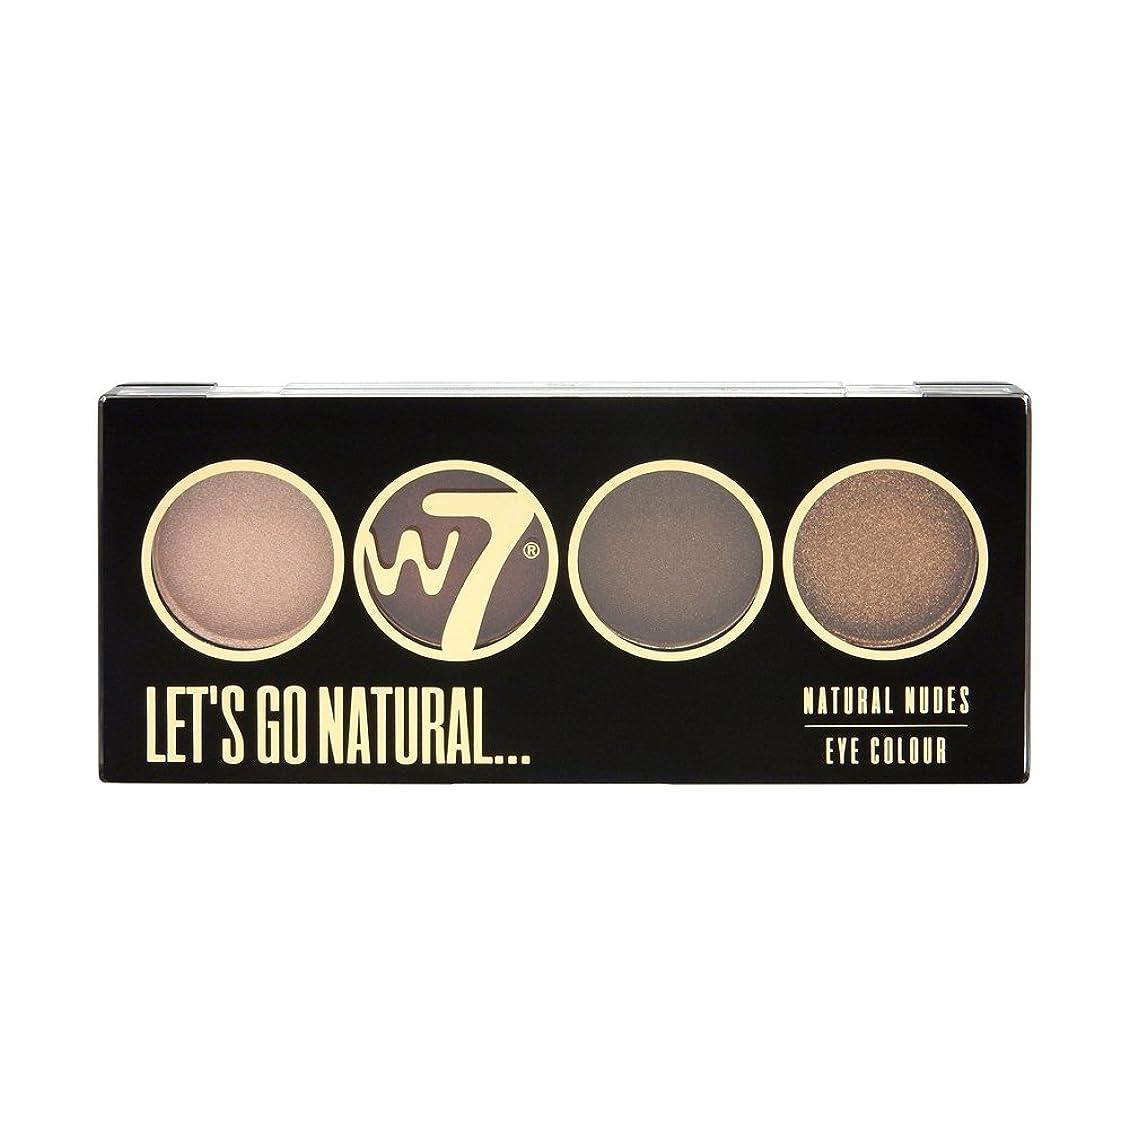 備品二年生生き物(3 Pack) W7 Let's Go Quad Eye Color Palette - Let's Go Natural (並行輸入品)